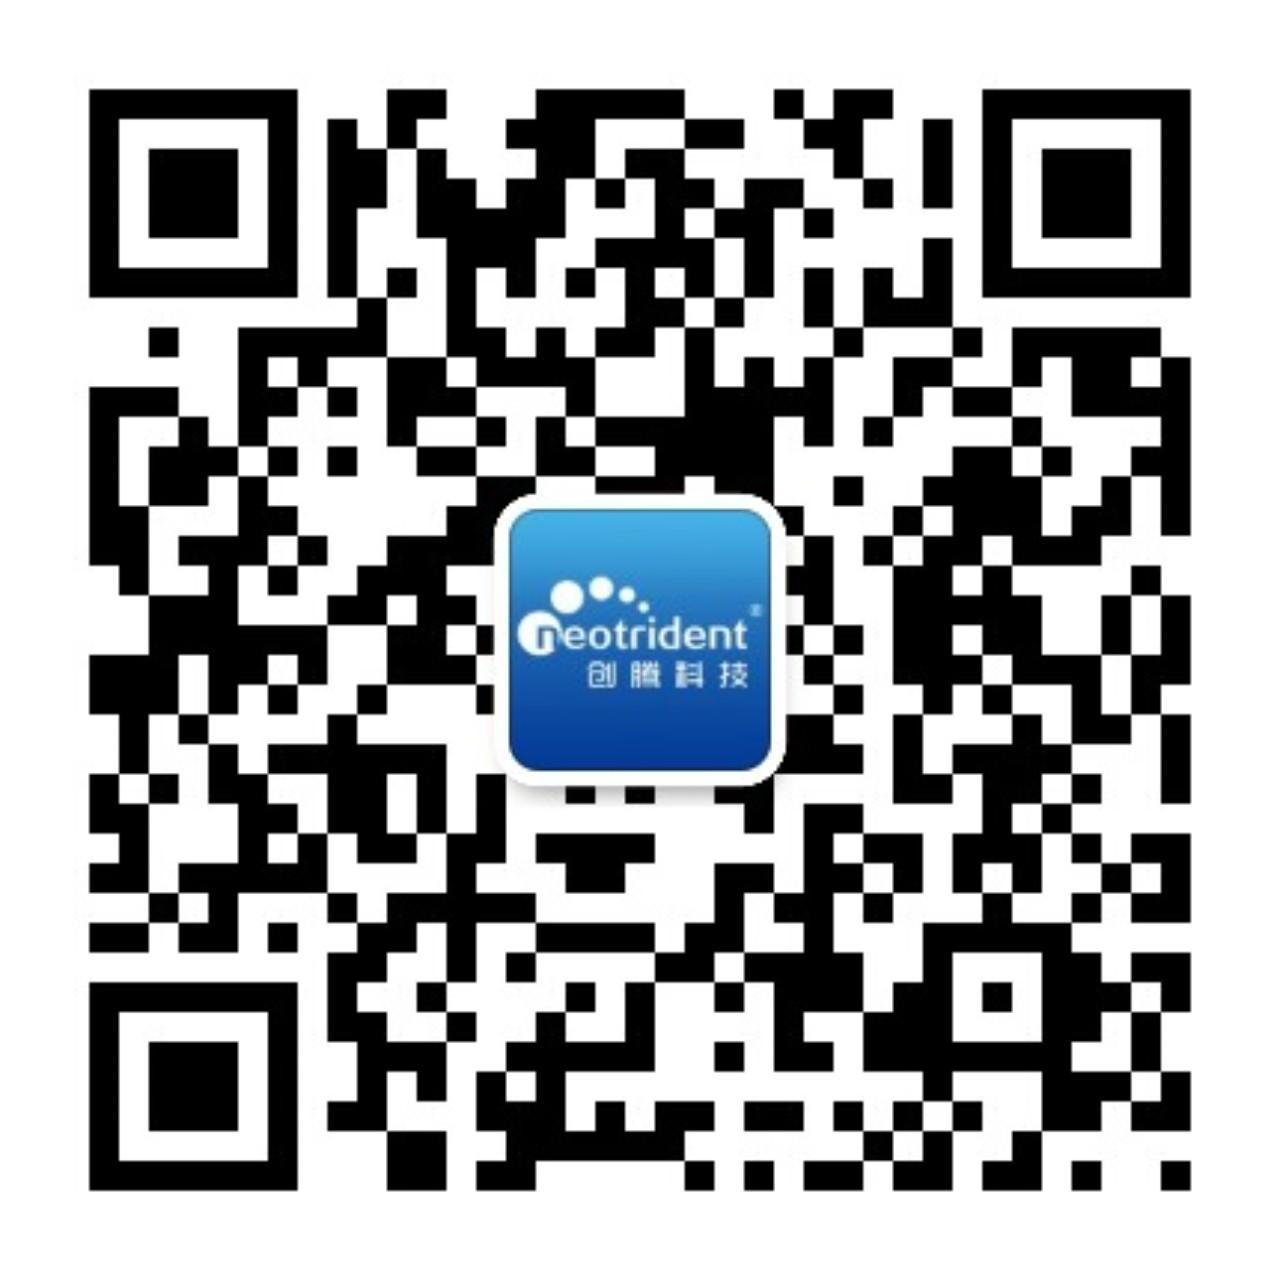 1583311311809196cB4V.jpg